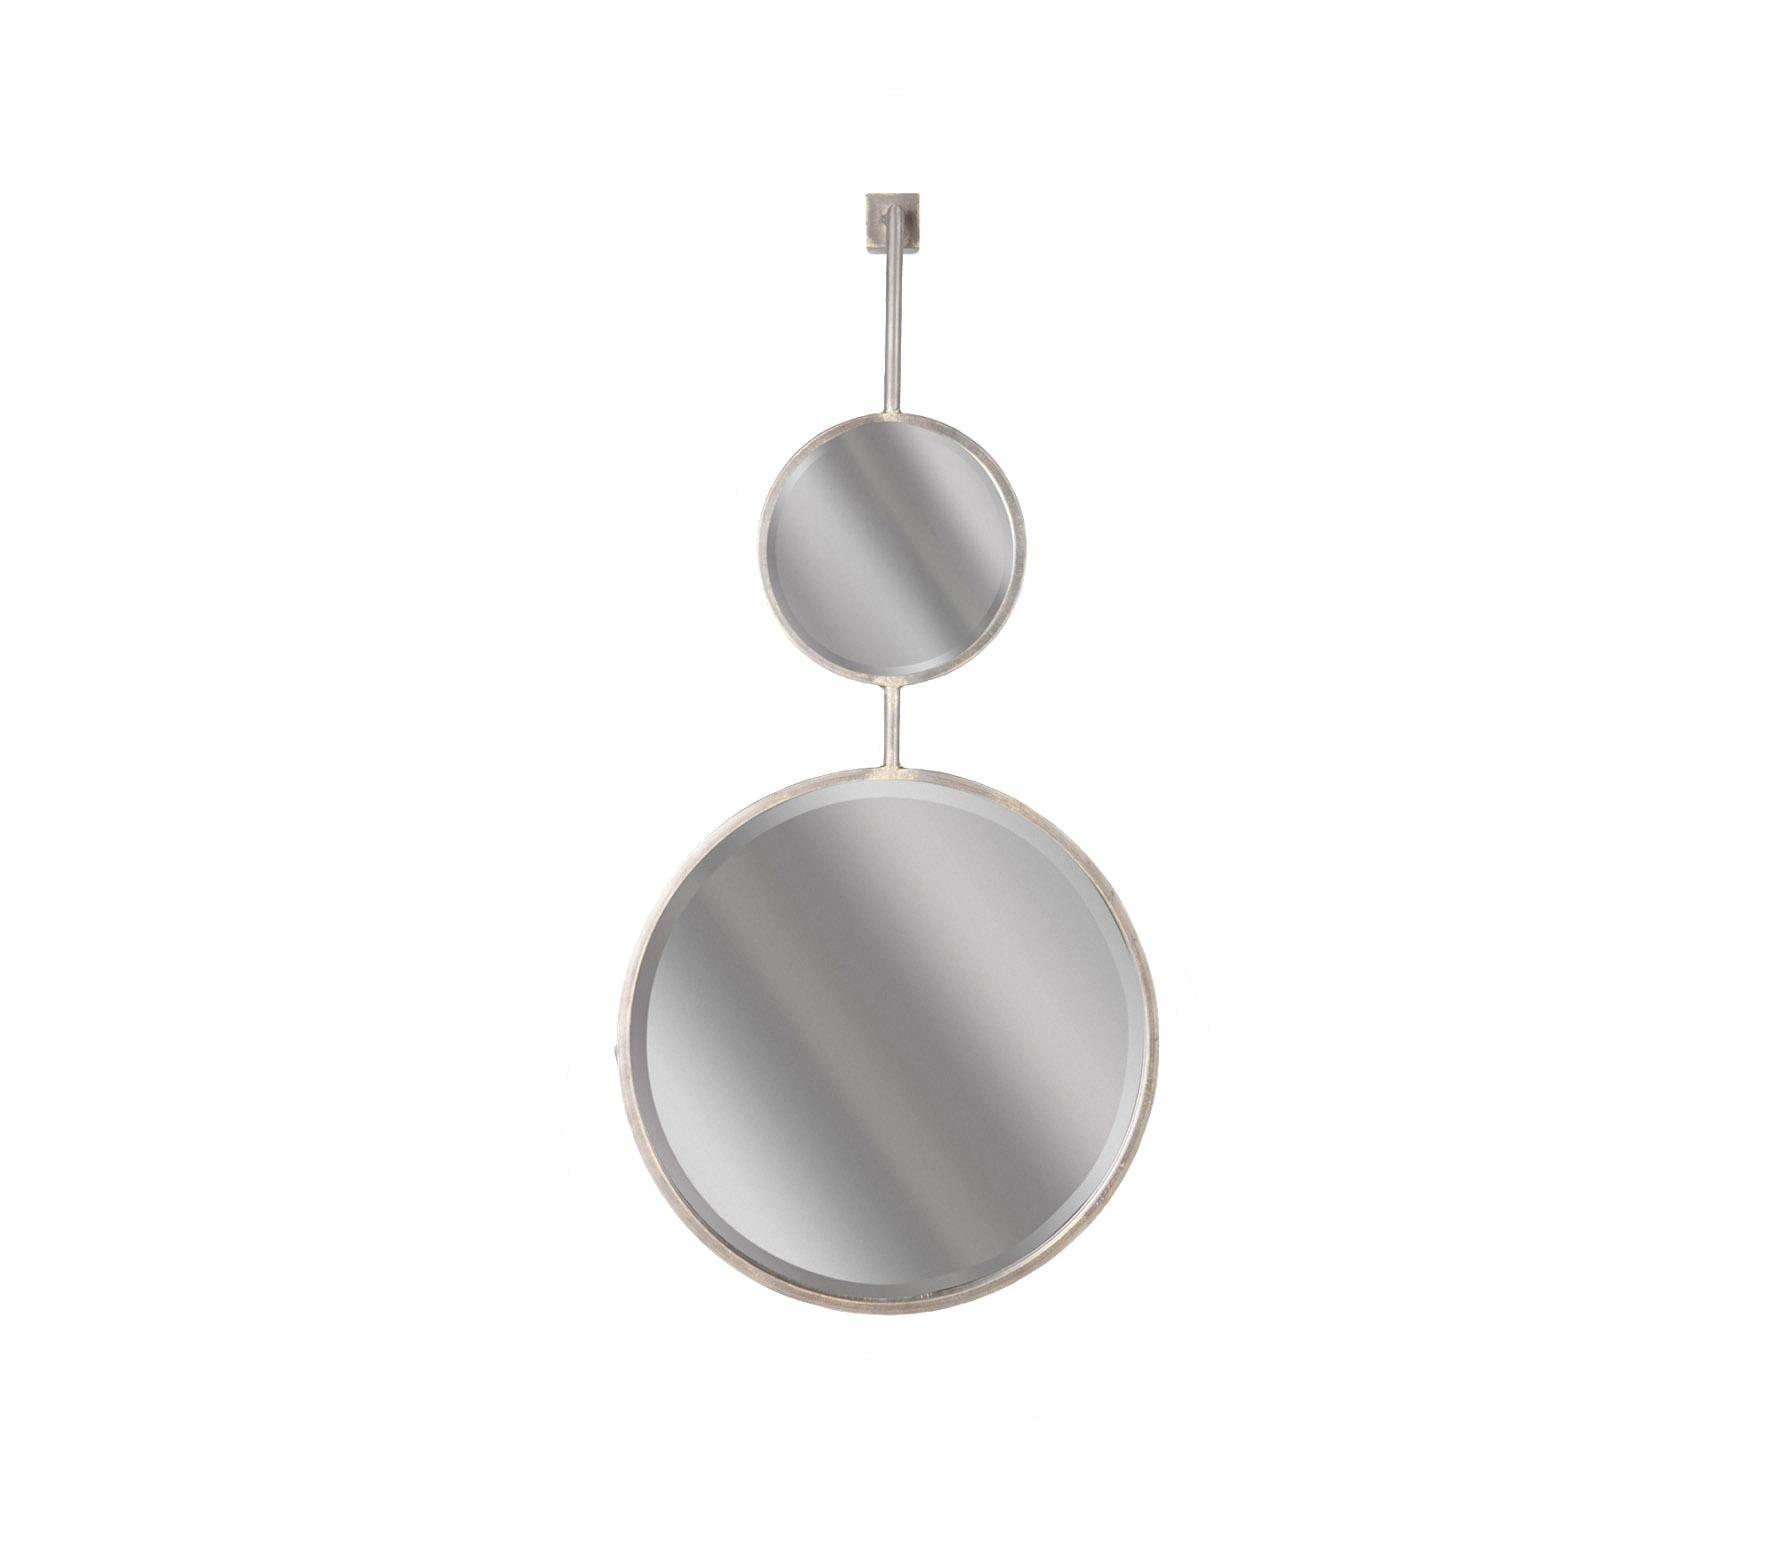 BePureHome Chain dubbele spiegel L antique zwart sfeerbeeld 4